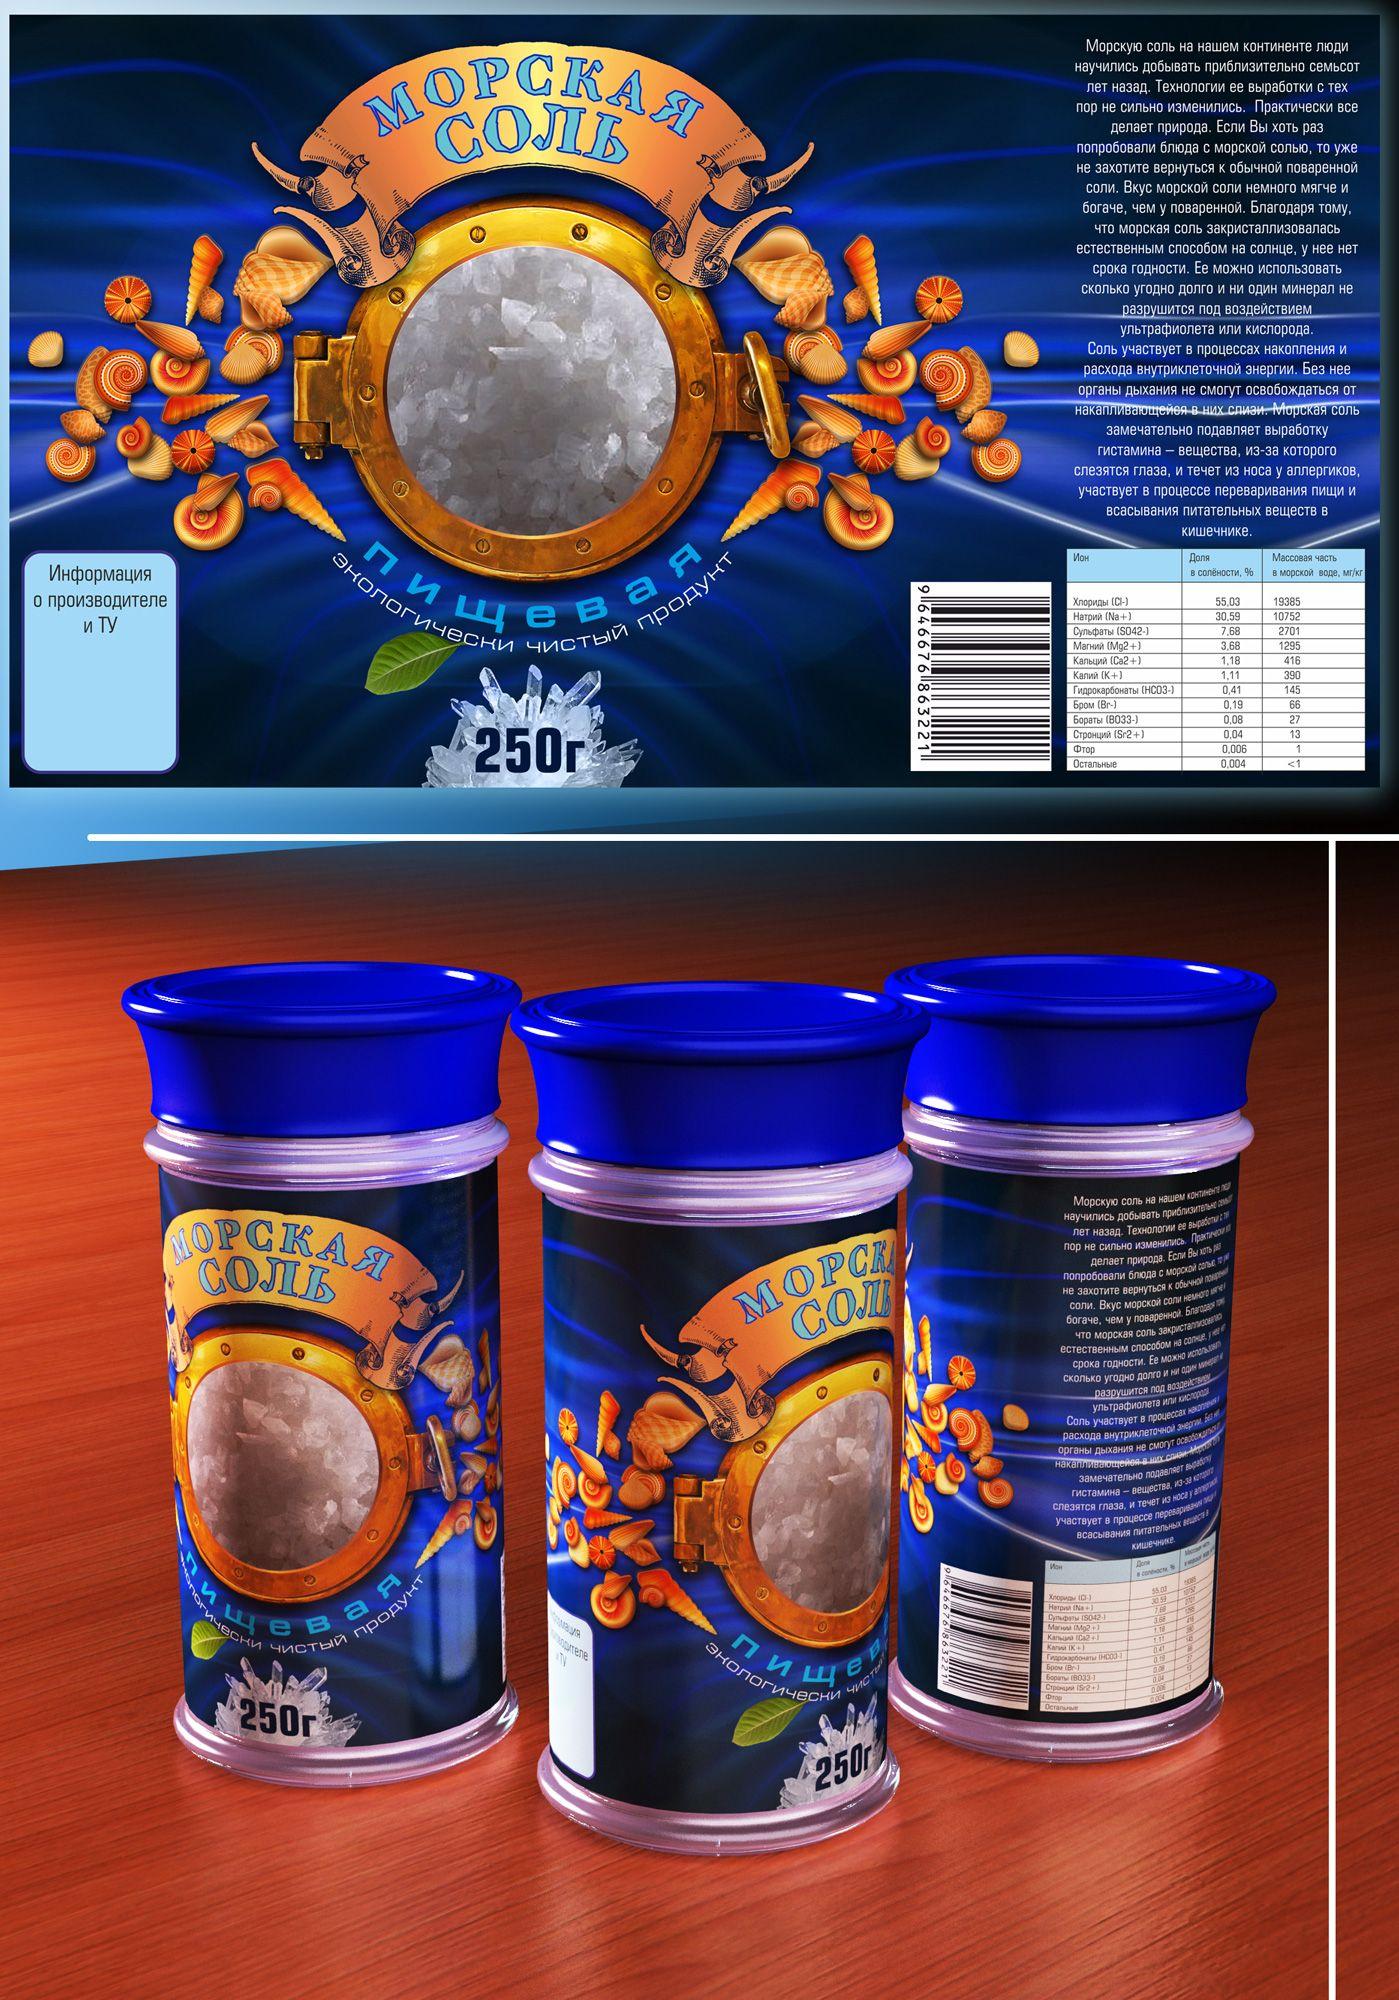 Дизайн этикетки для соли пищевой морской  - дизайнер Monoglaz